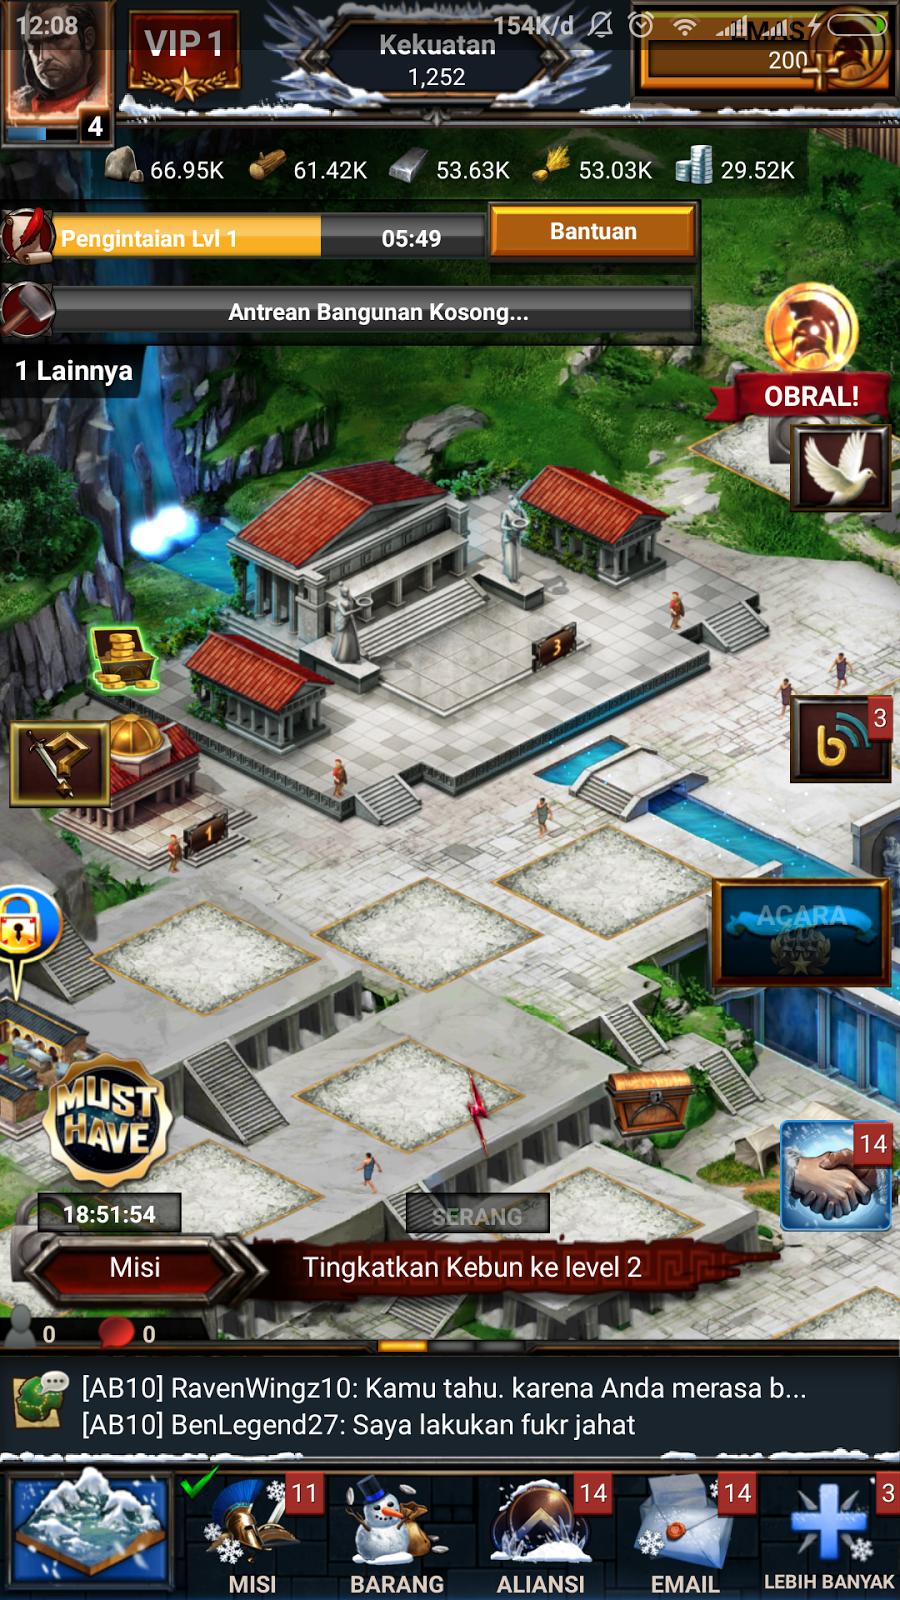 Cara Bermain Game of War Android dengan Mudah dan Terampil ...